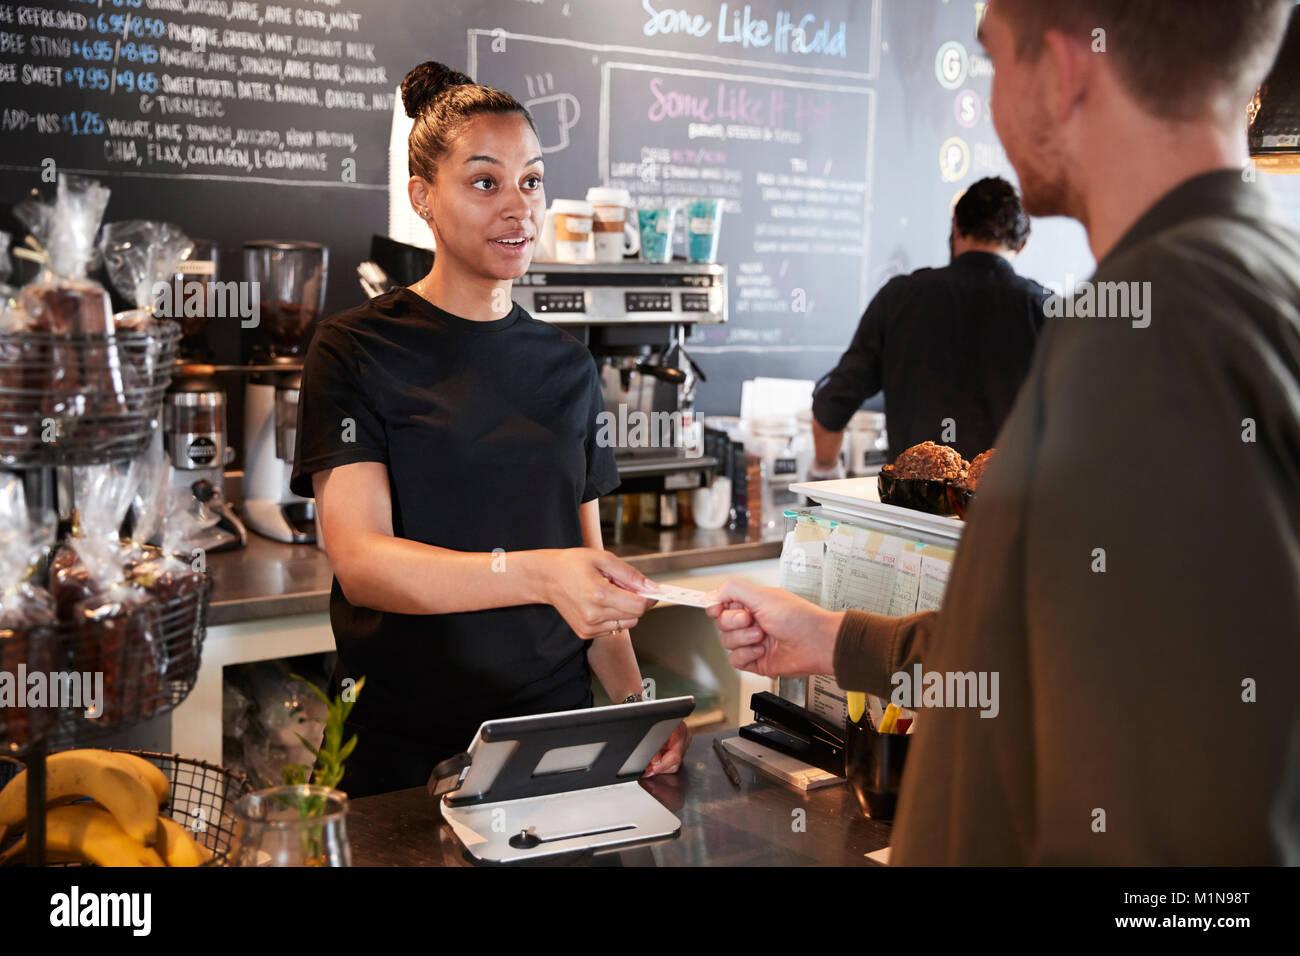 Le paiement du client dans un café à l'aide de cartes de crédit Photo Stock